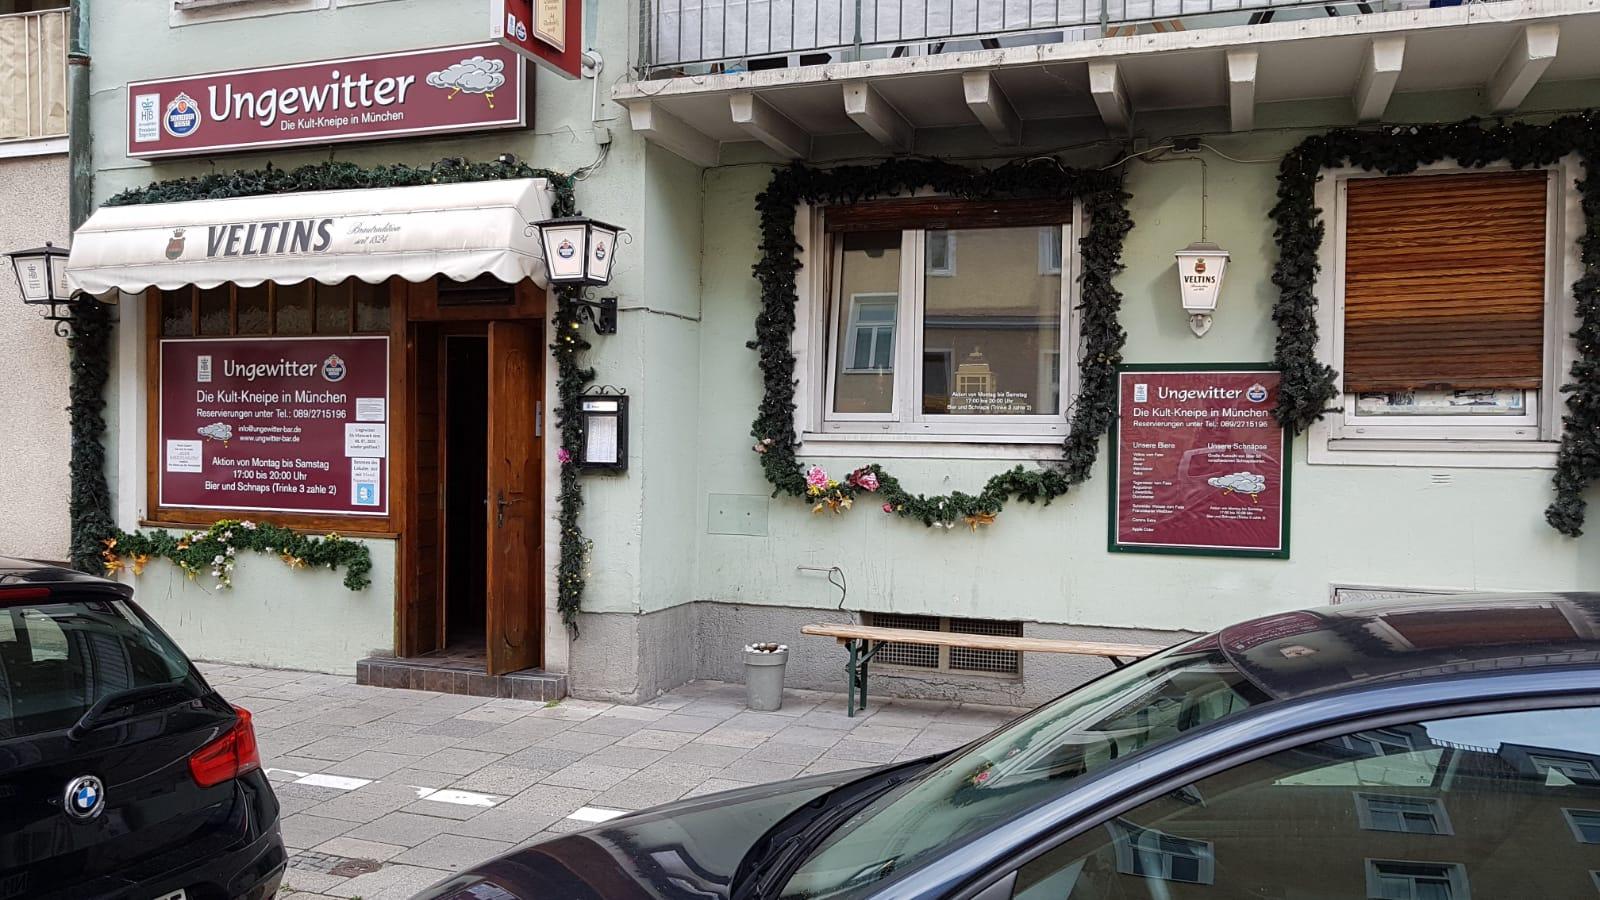 Die Ungewitter Bar in der Arcisstrasse München, eine Top Boazn - Kneipe mit langer Tradition